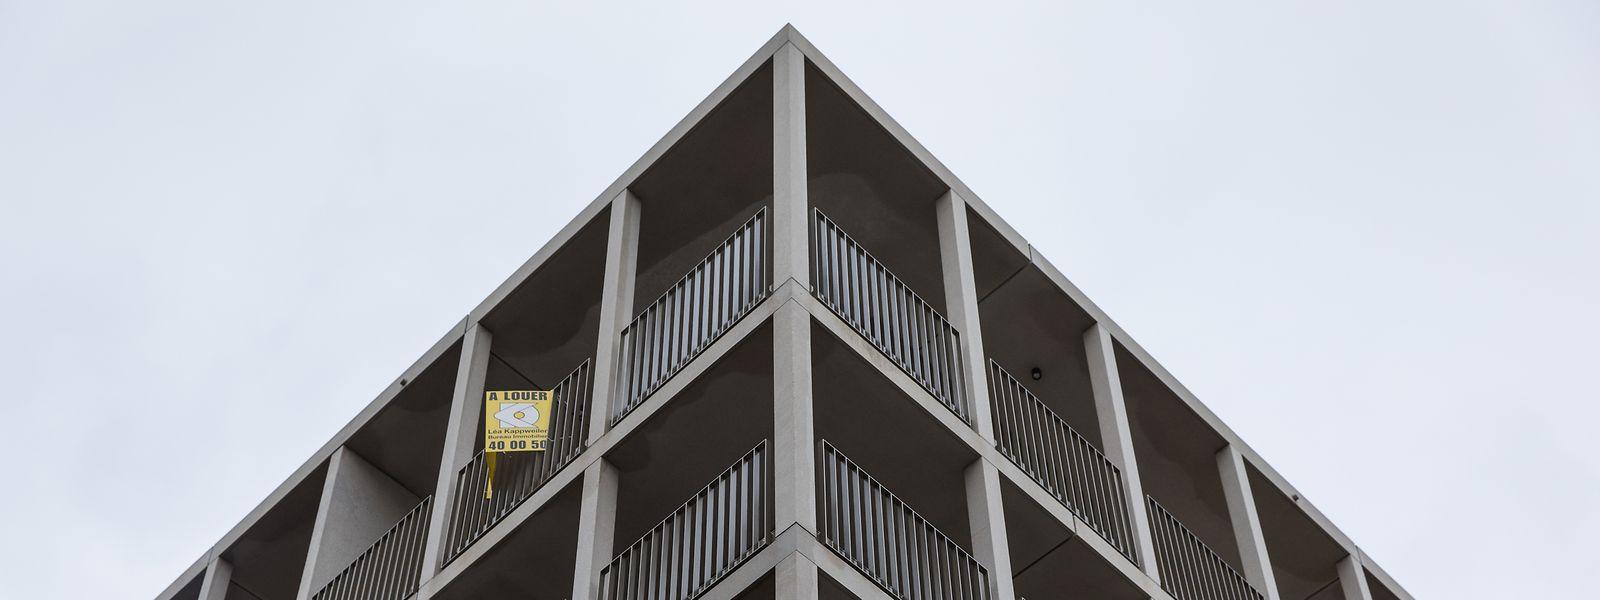 Entre le premier trimestre 2021 et le premier trimestre 2020, les prix de l'immobilier ont augmenté de 17% au Luxembourg, selon Eurostat.